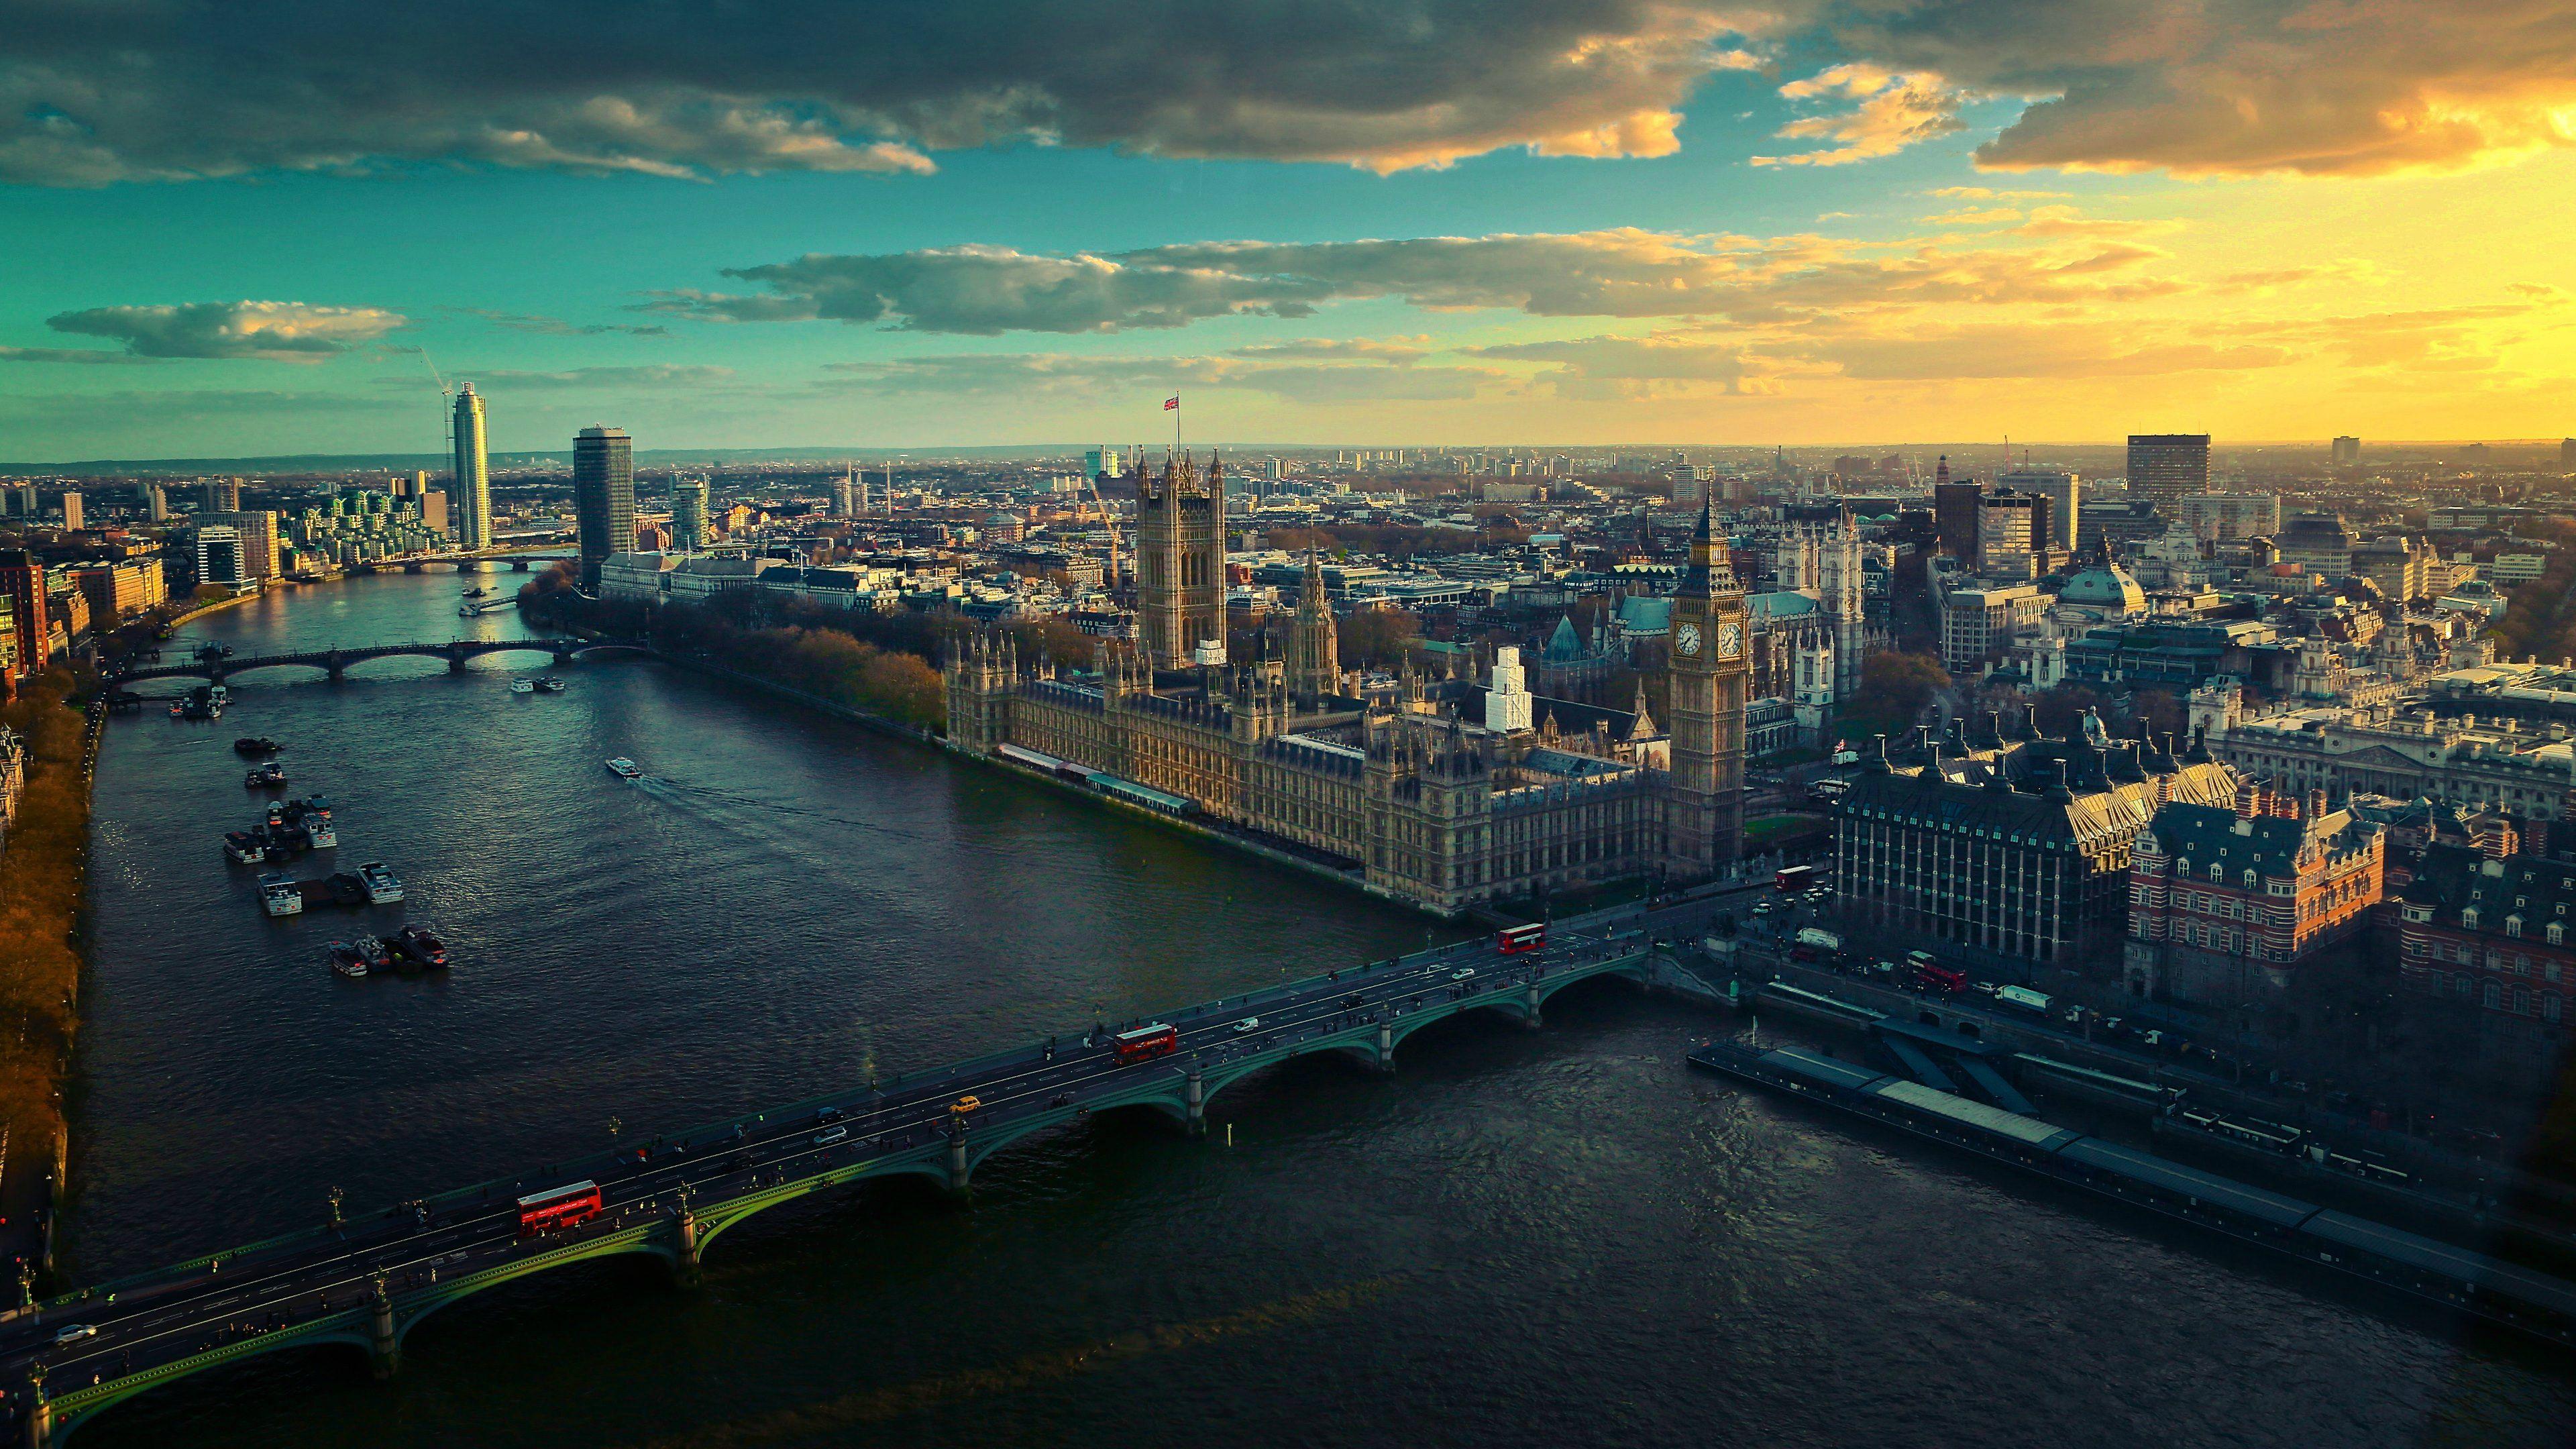 London UK 4K UHD 3840×2160 Wallpaper Wide